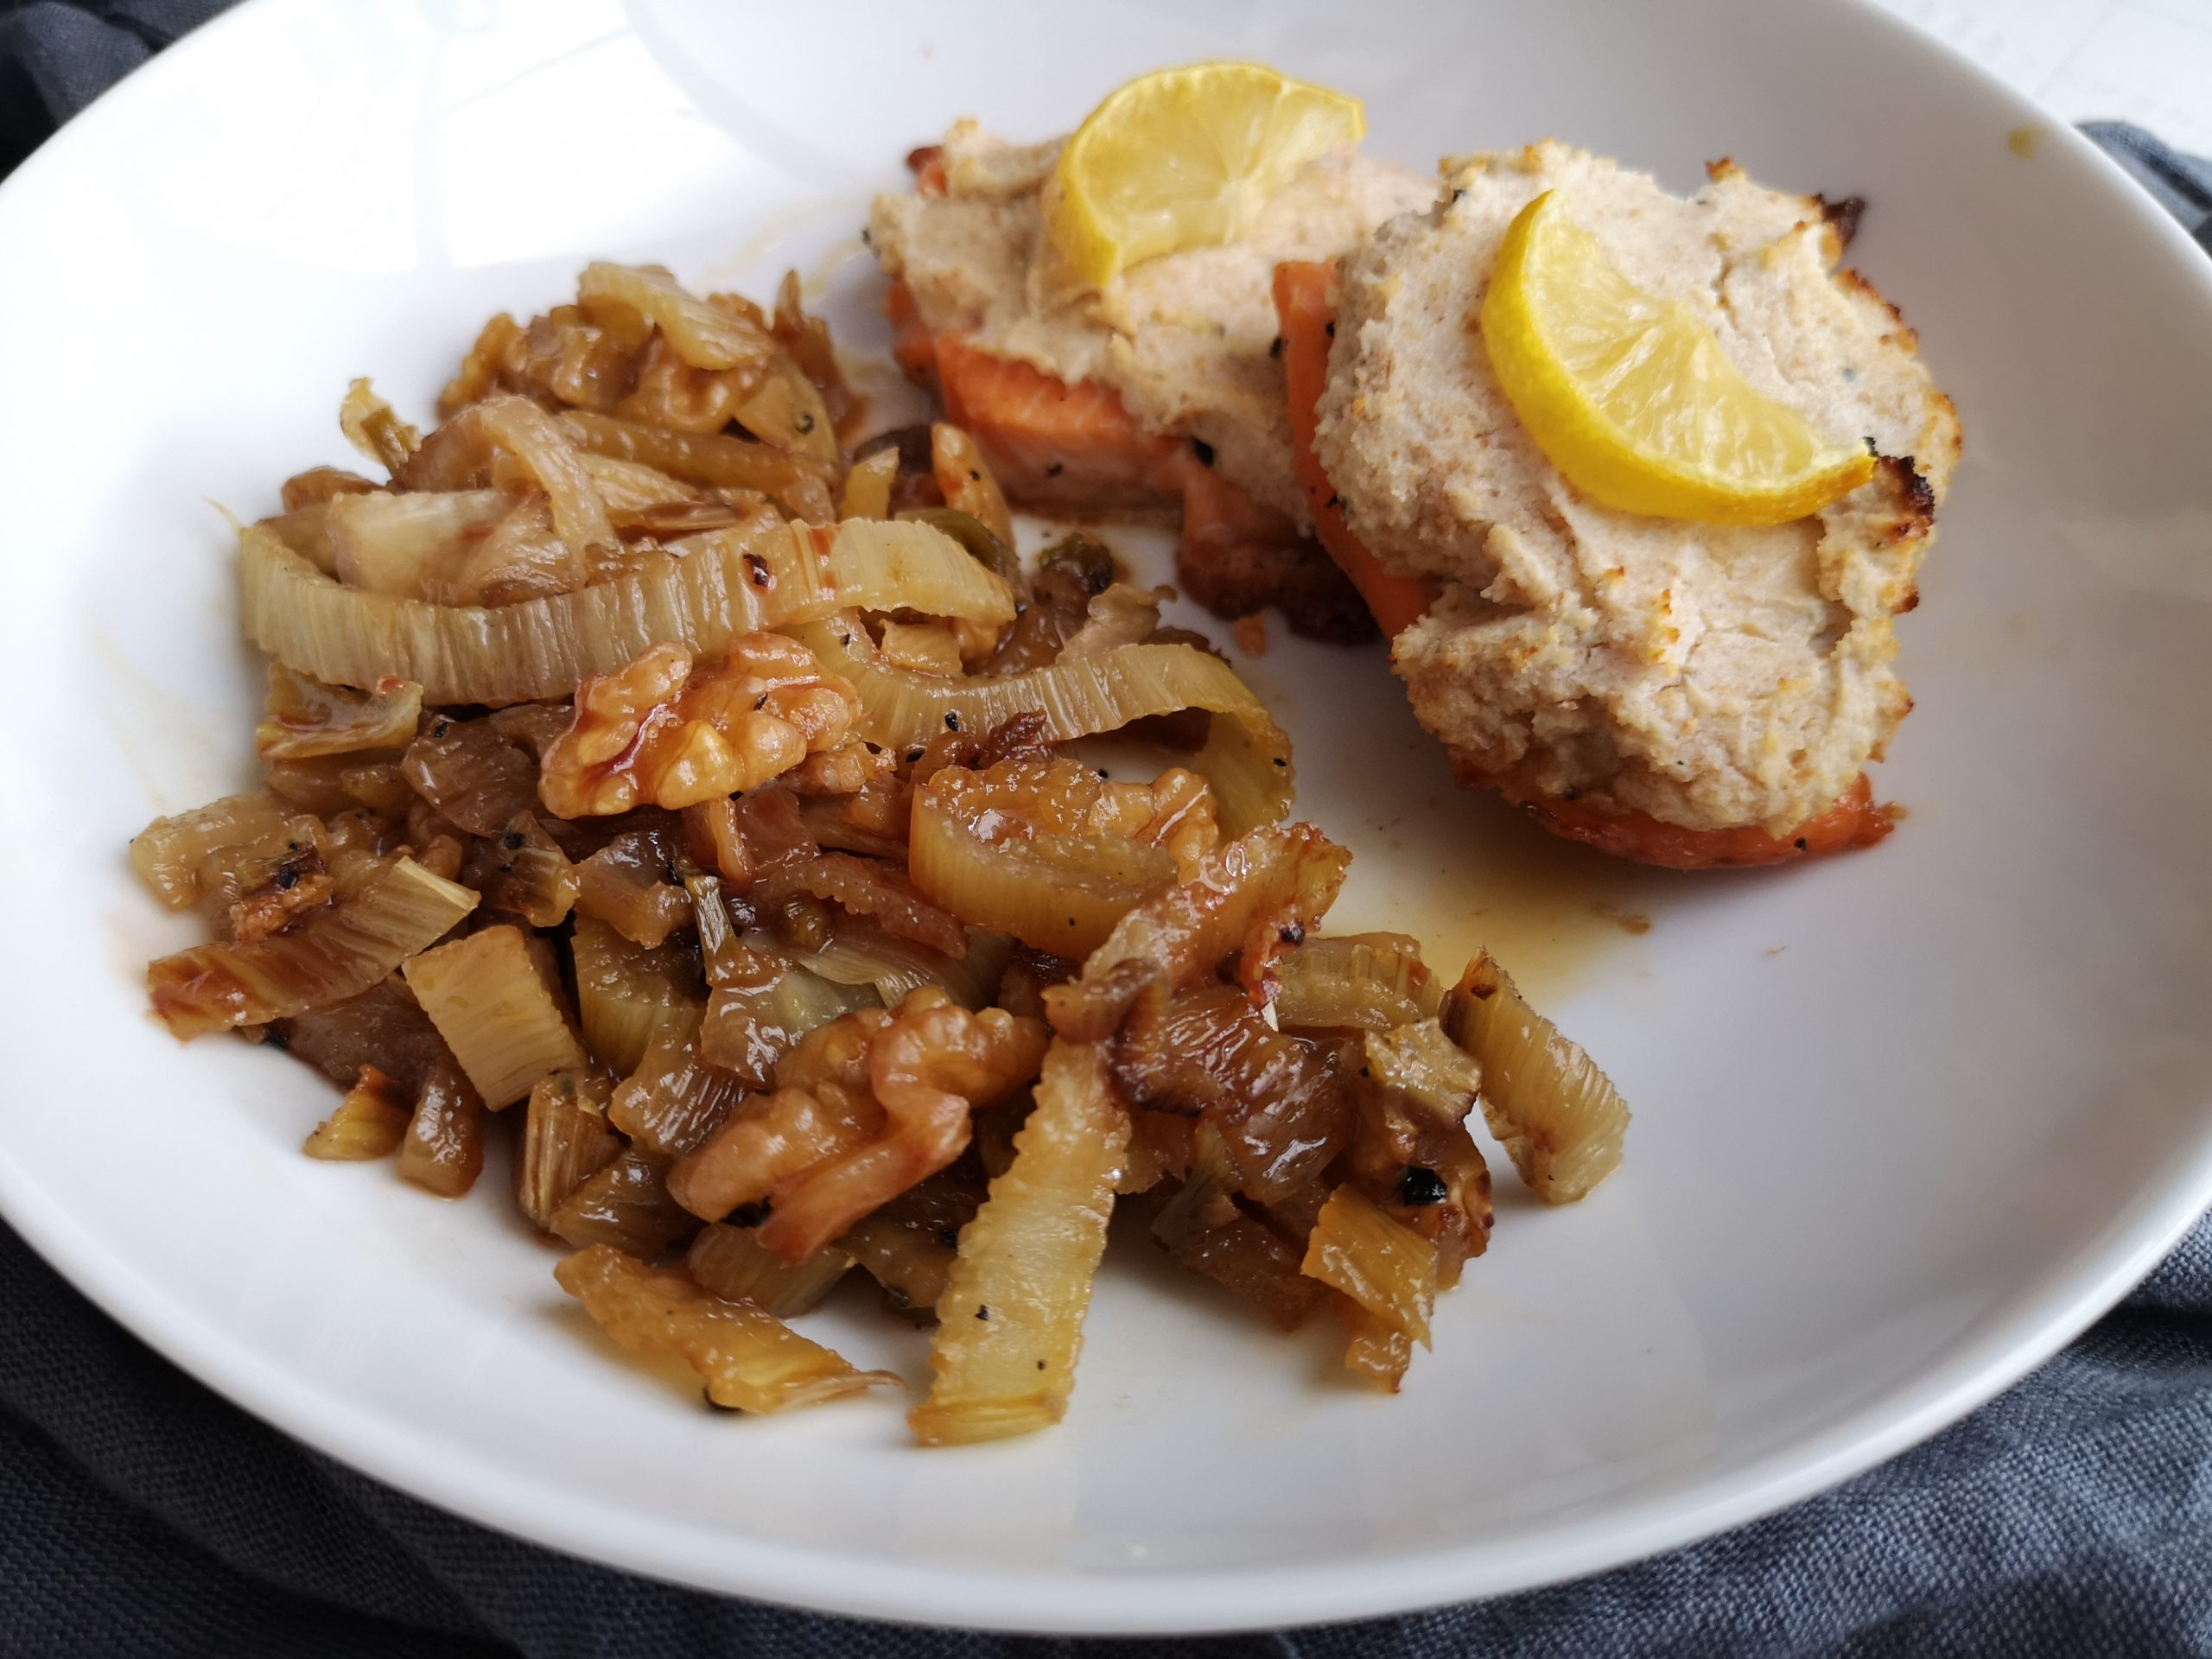 Lachsfilet mit Ziegenkäse-Haube zu gebratenem Fenchel mit Honig-Nüssen